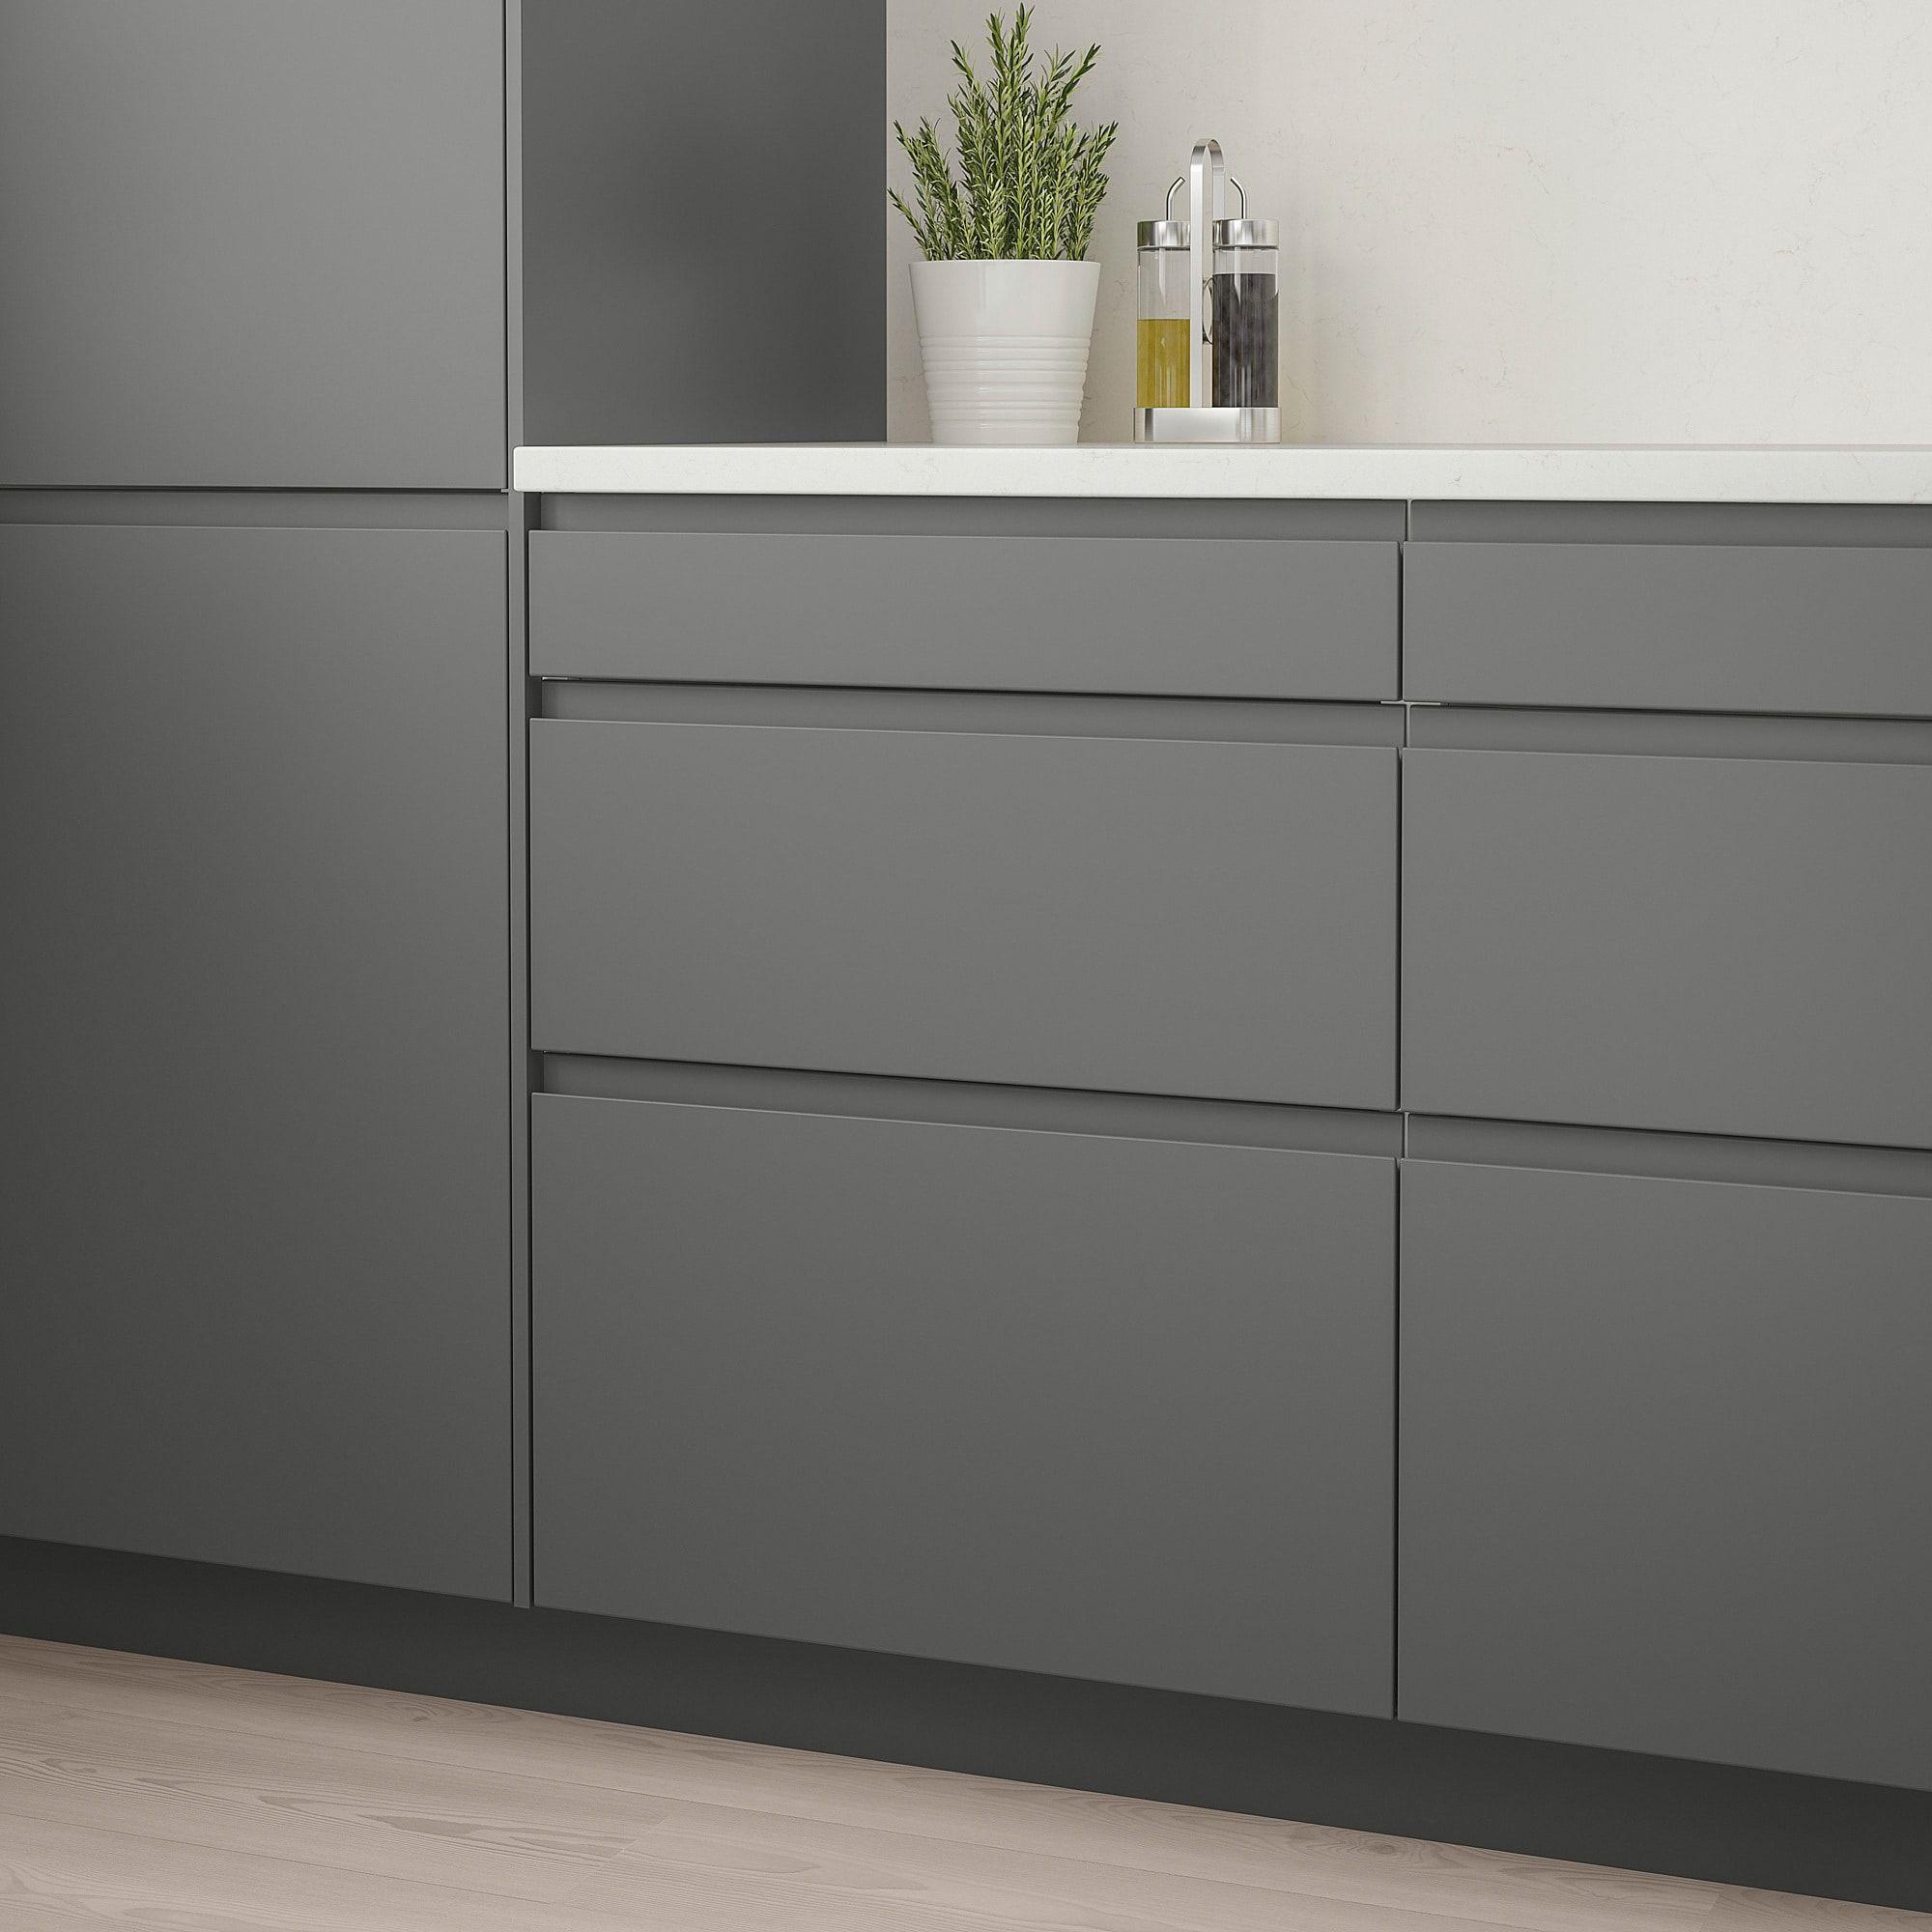 VOXTORP Drawer front, dark gray, 9x9